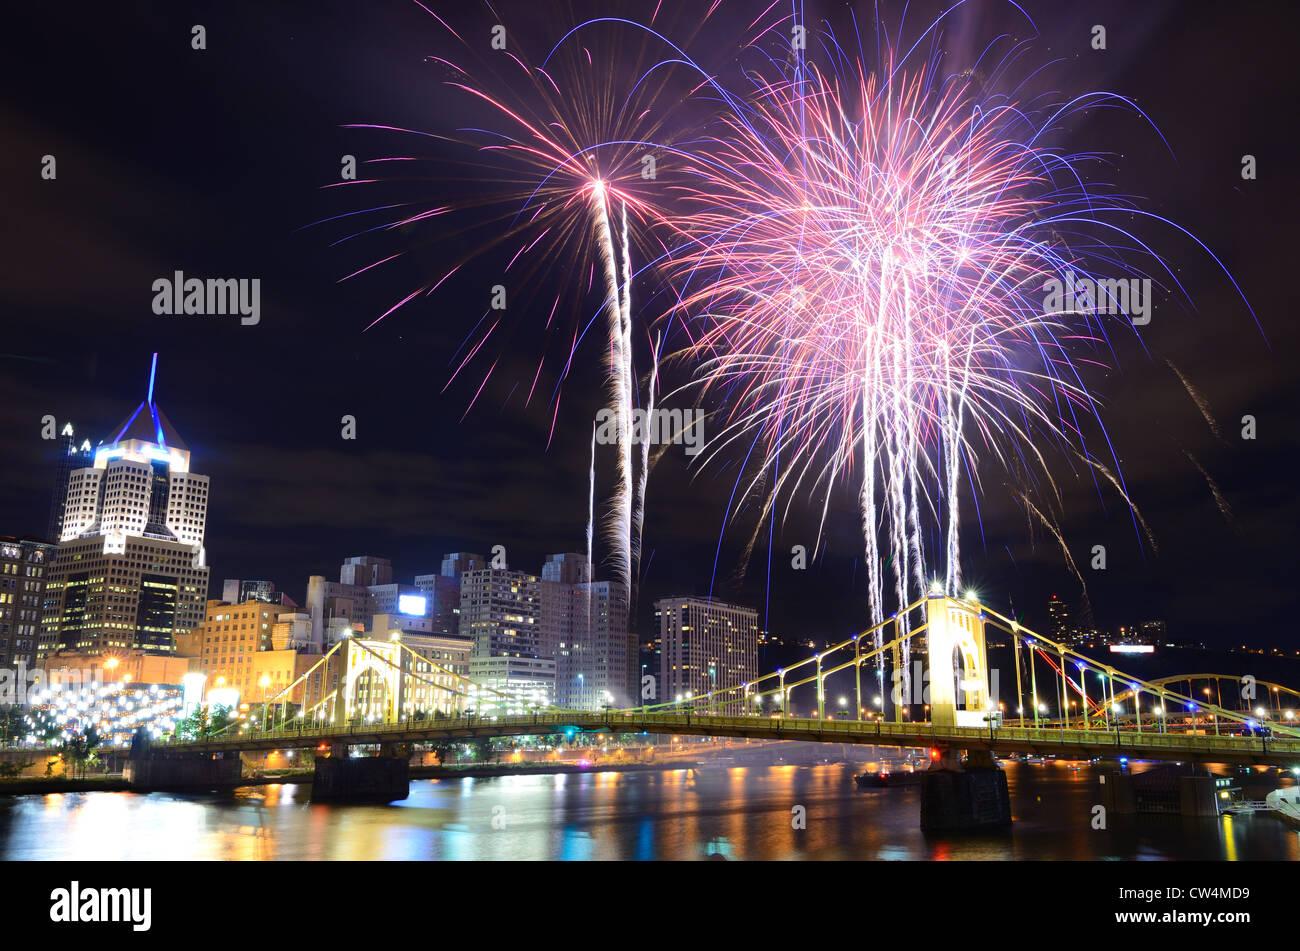 Feuerwerk auf dem Allegheny River in der Innenstadt von Pittsburgh, Pennsylvania, USA. Stockbild